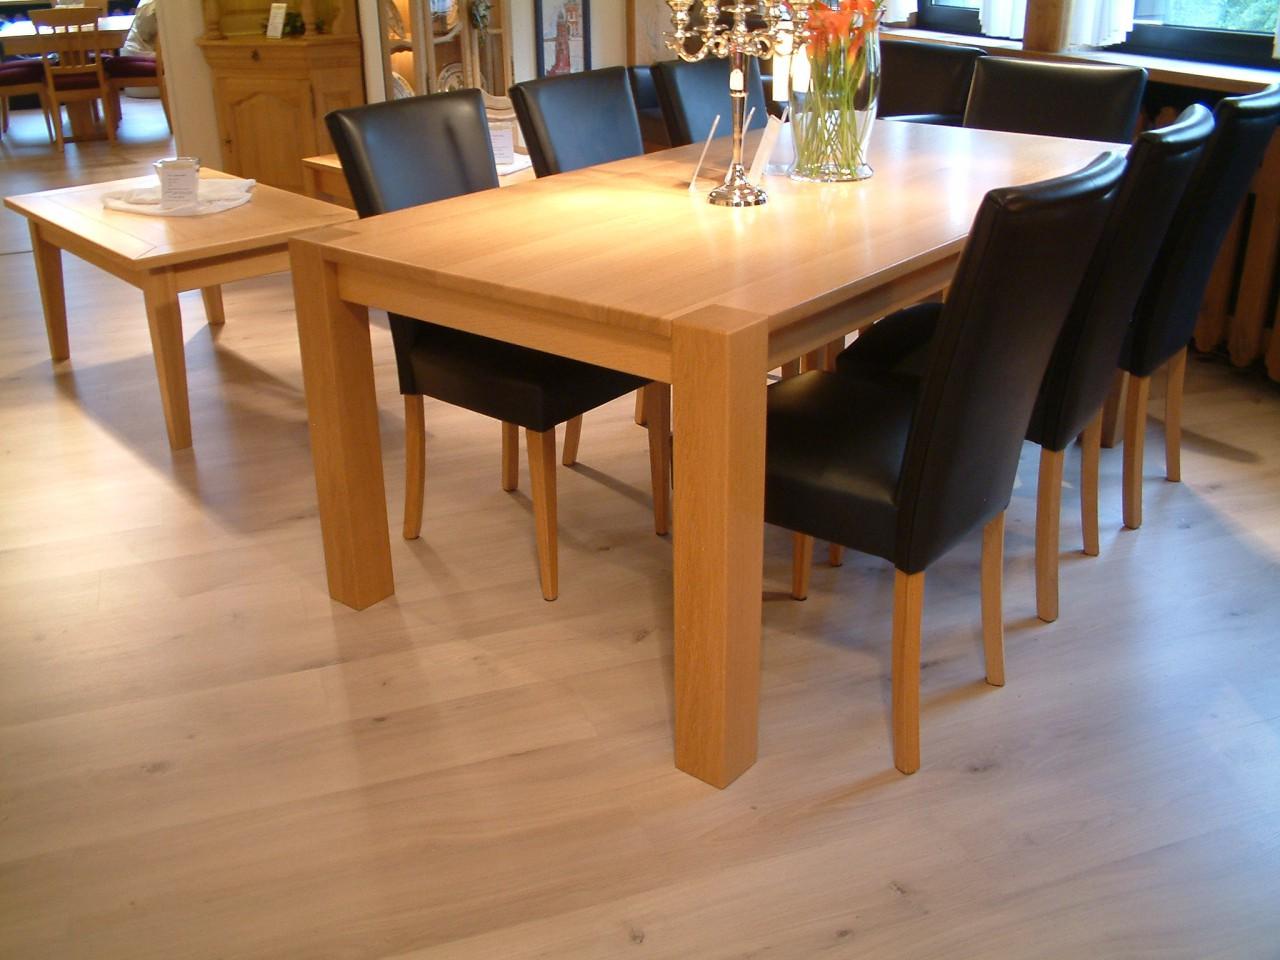 4 fu esstisch variato 190 x 100 cm mit 2 ansteckplatten der masstisch in eiche asteiche. Black Bedroom Furniture Sets. Home Design Ideas